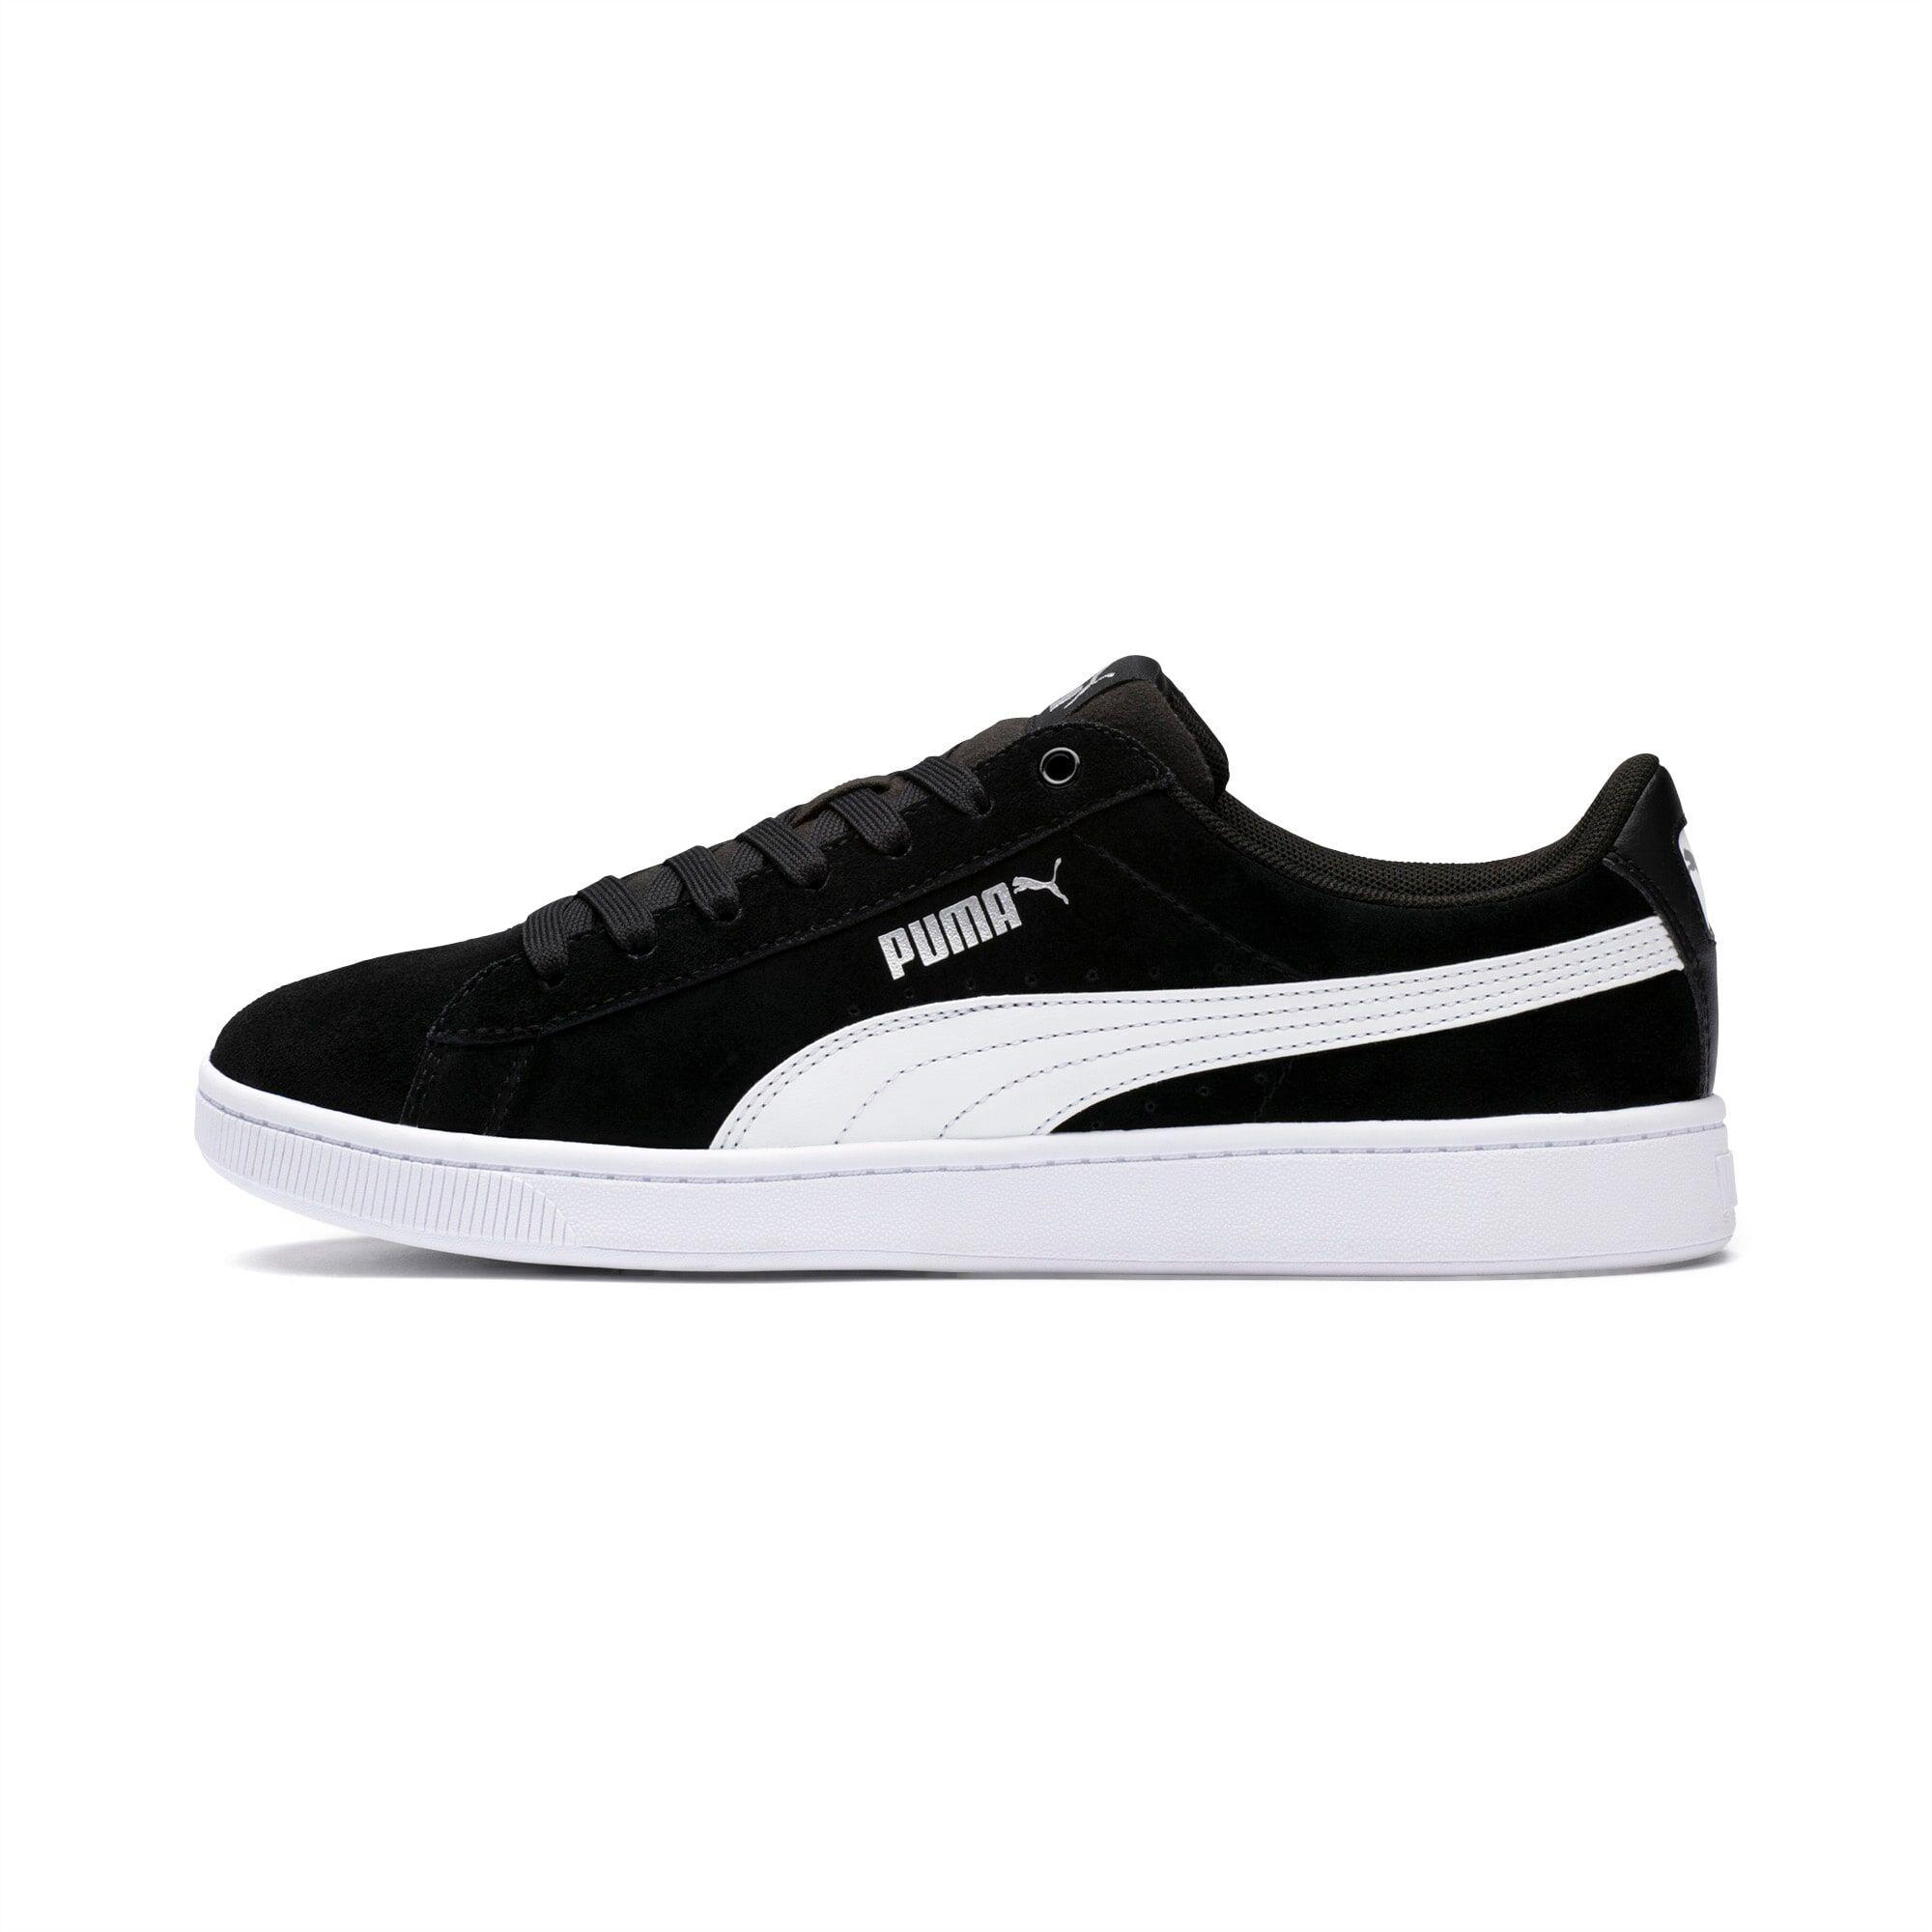 PUMA Chaussure Basket Vikky v2 pour Femme, Noir/Blanc/Argent, Taille 37.5, Chaussures